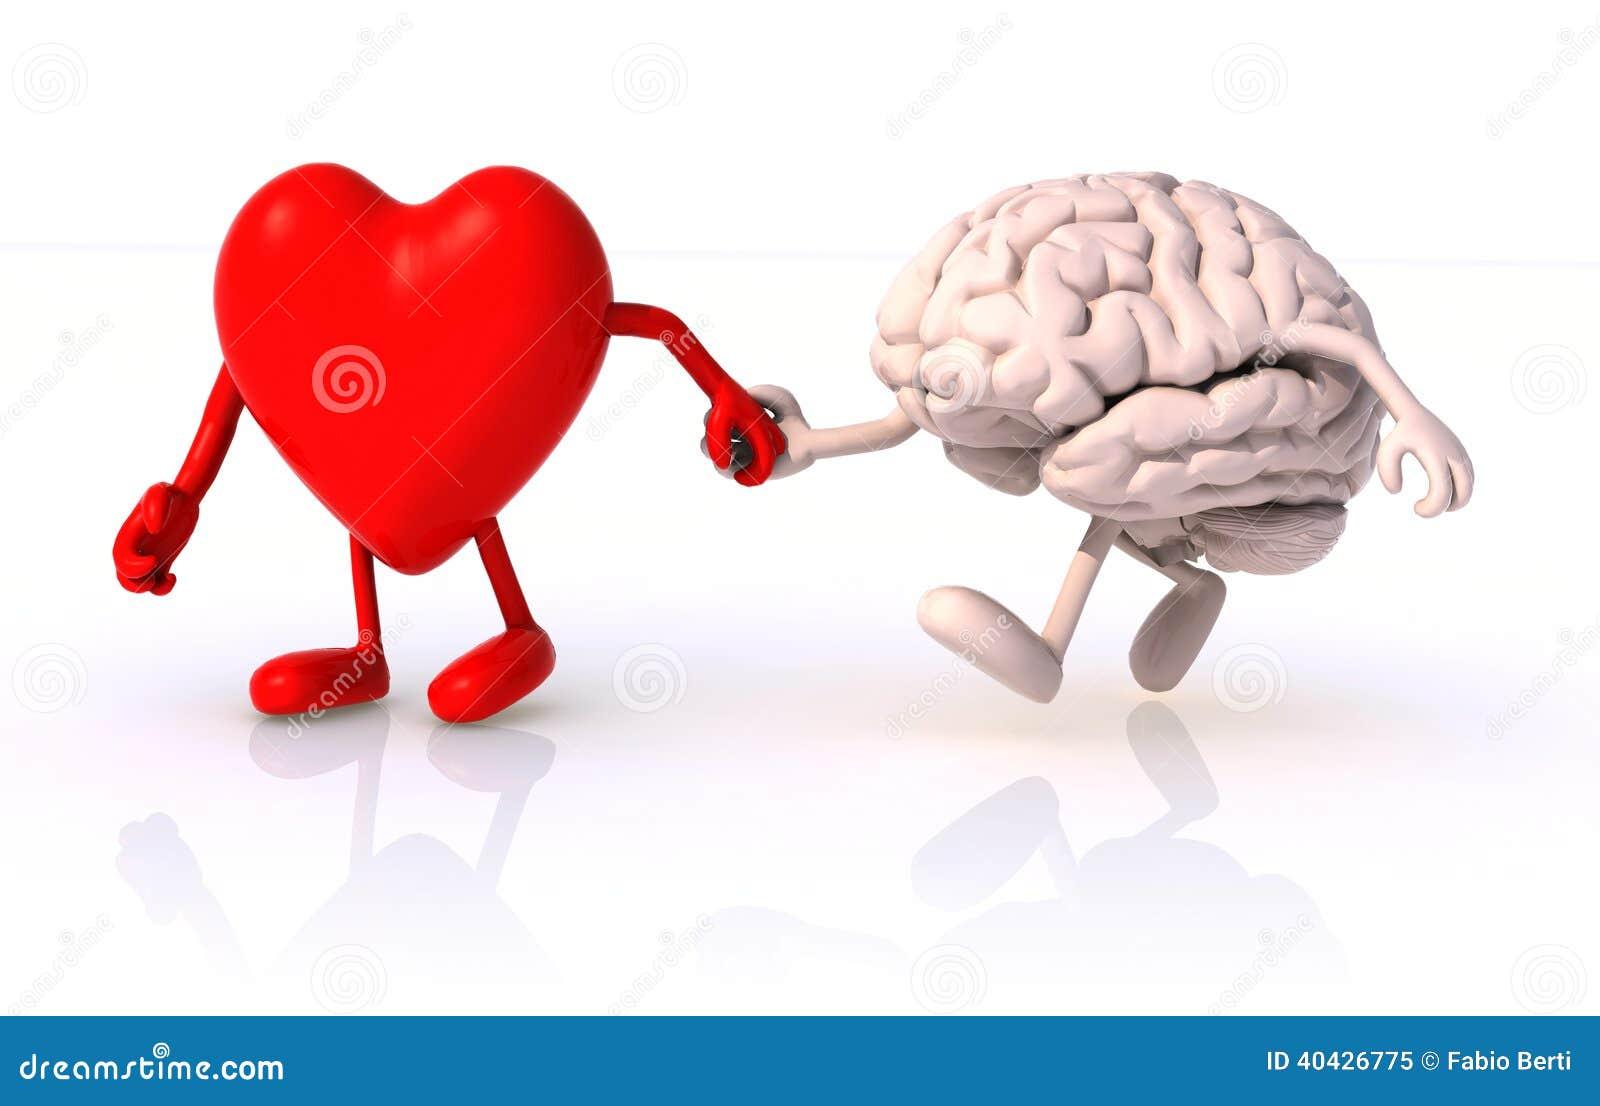 Hjärta och hjärnhand - in - hand